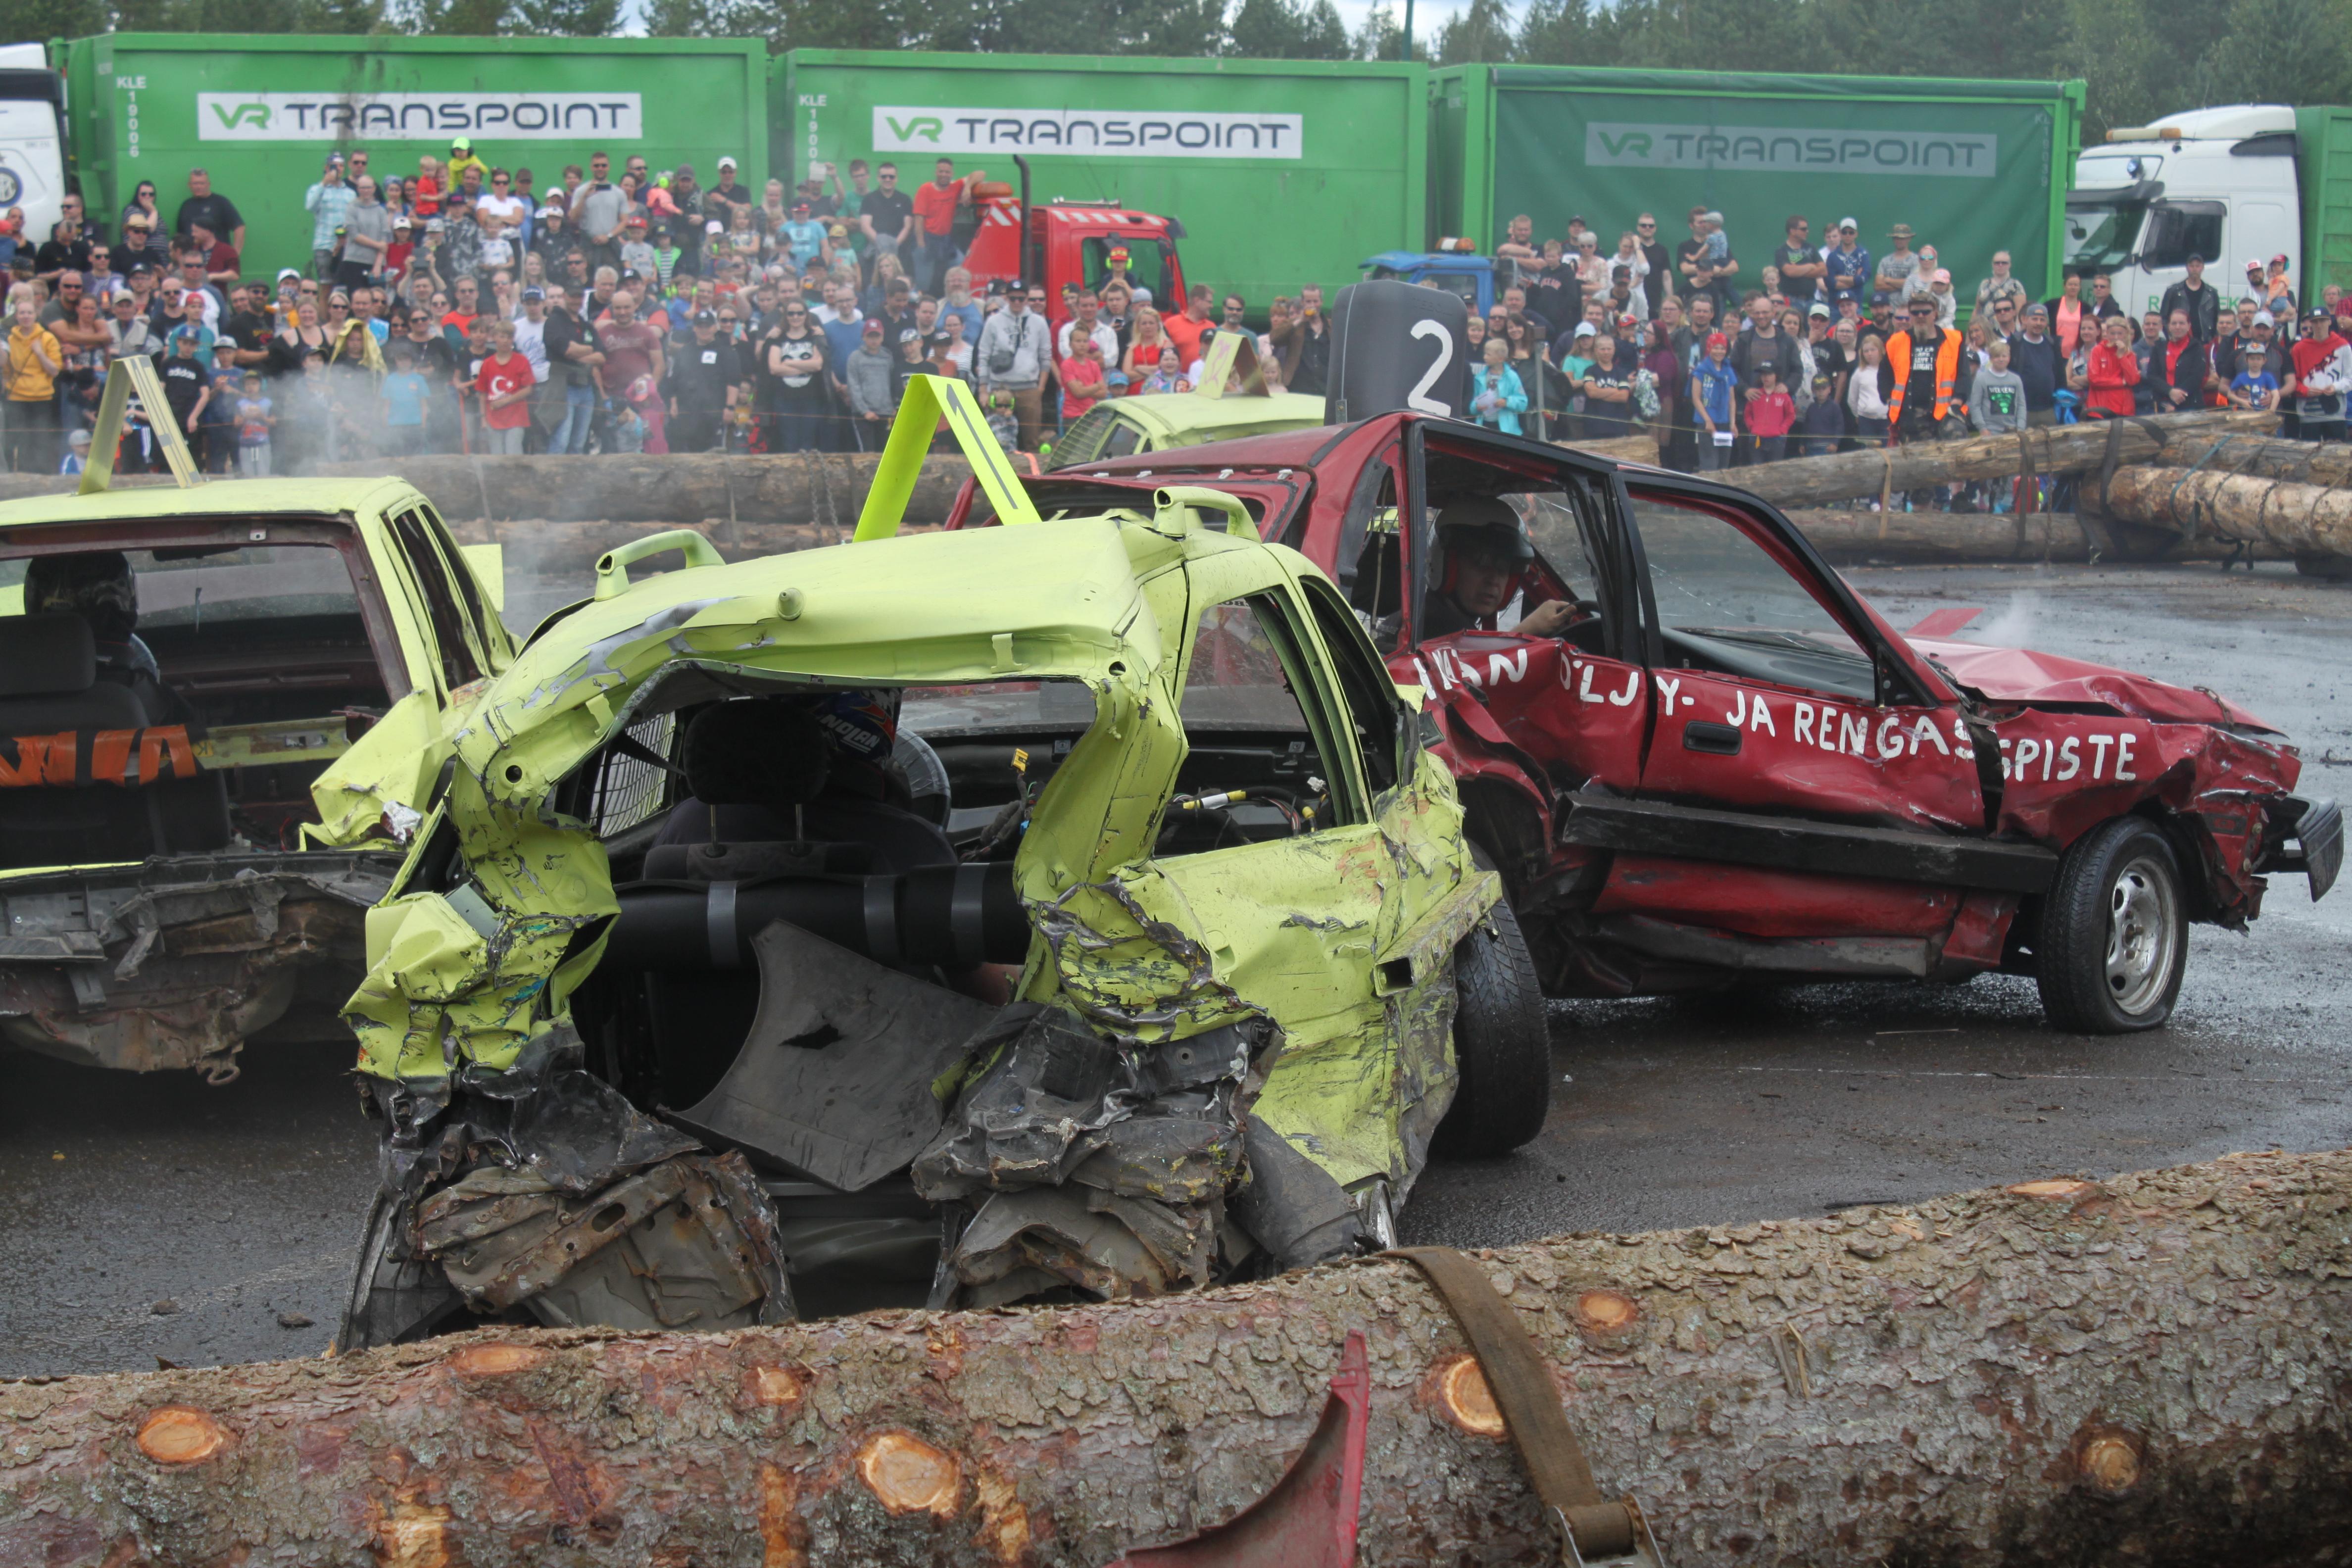 Autot olivat jo valmiiksi rutussa ennen kilpailua ja lisää vaurioita tuli koko kilpailun ajan. Voittajaksi finaalissa selviytyi se, jonka auto kykeni viimeisenä kehässä liikkumaan. Kuva: Annika Eronen